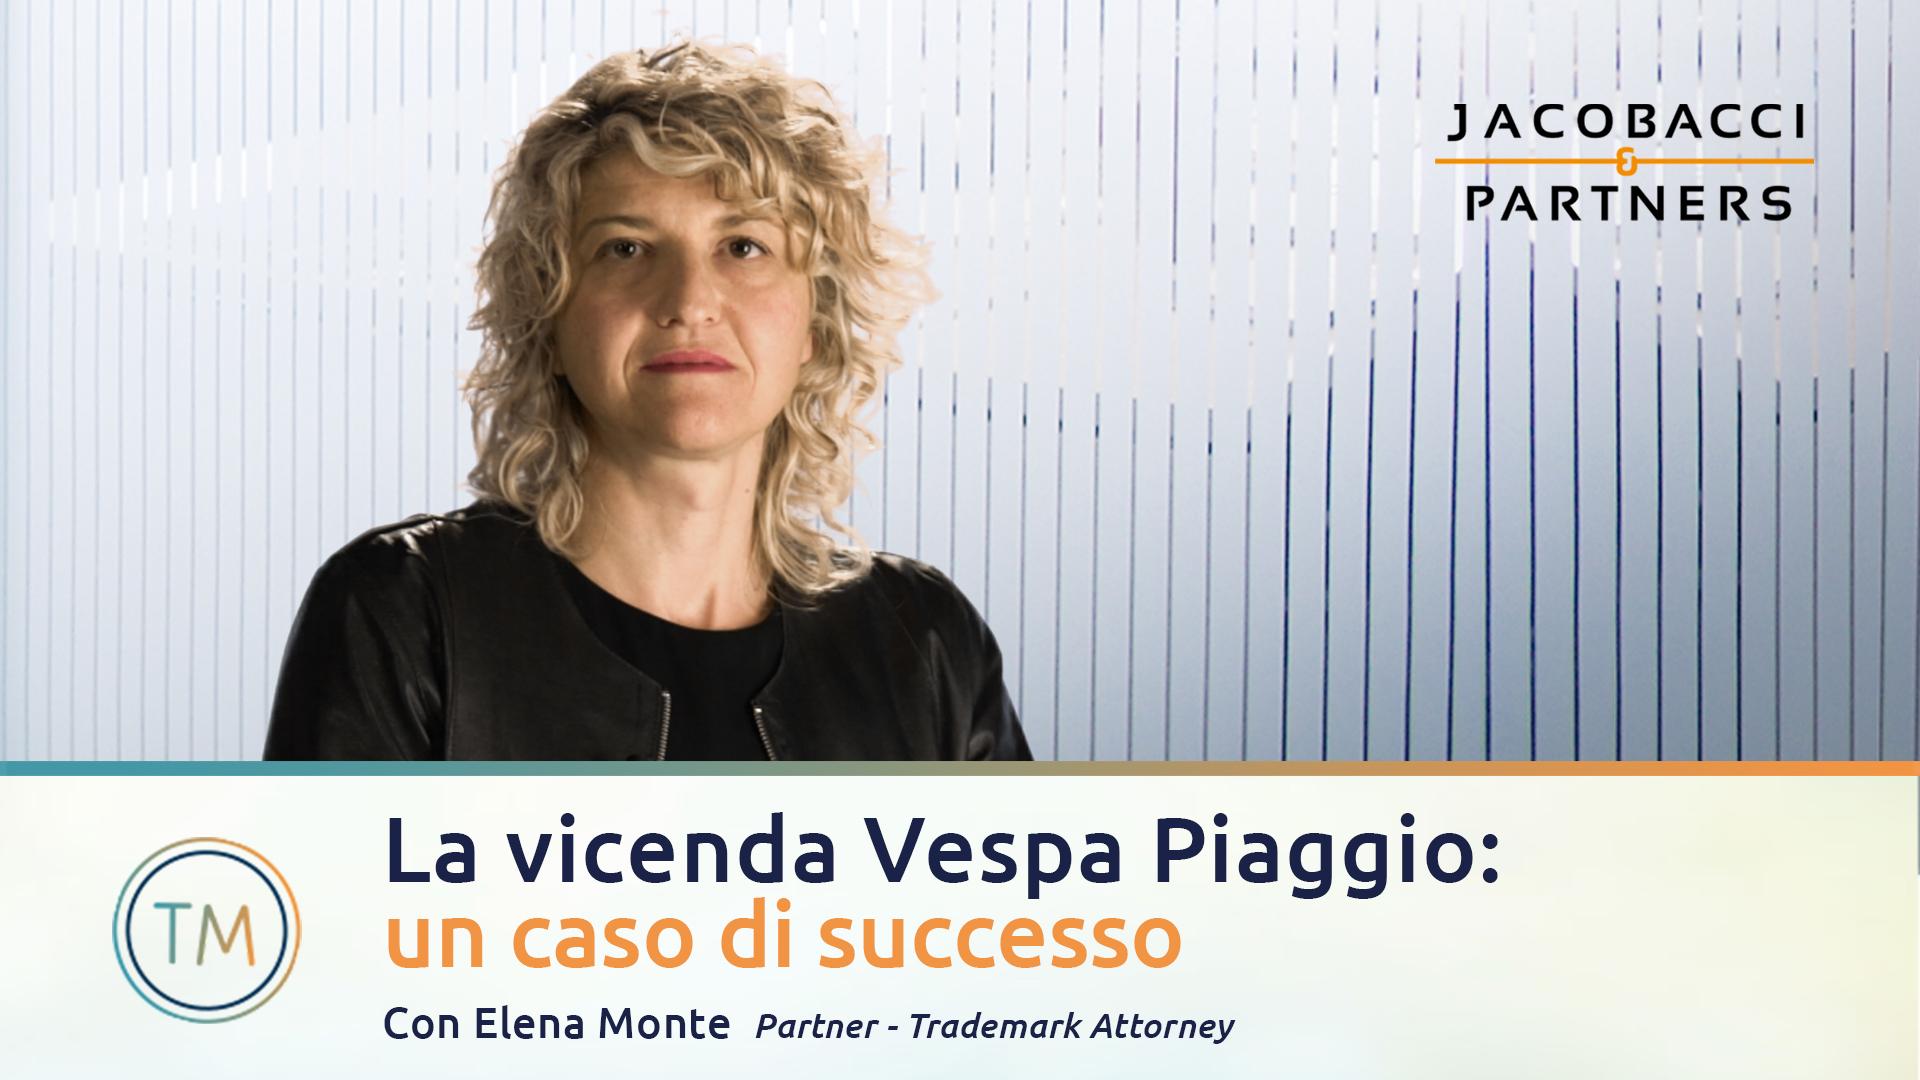 La vicenda Vespa Piaggio: un caso di successo